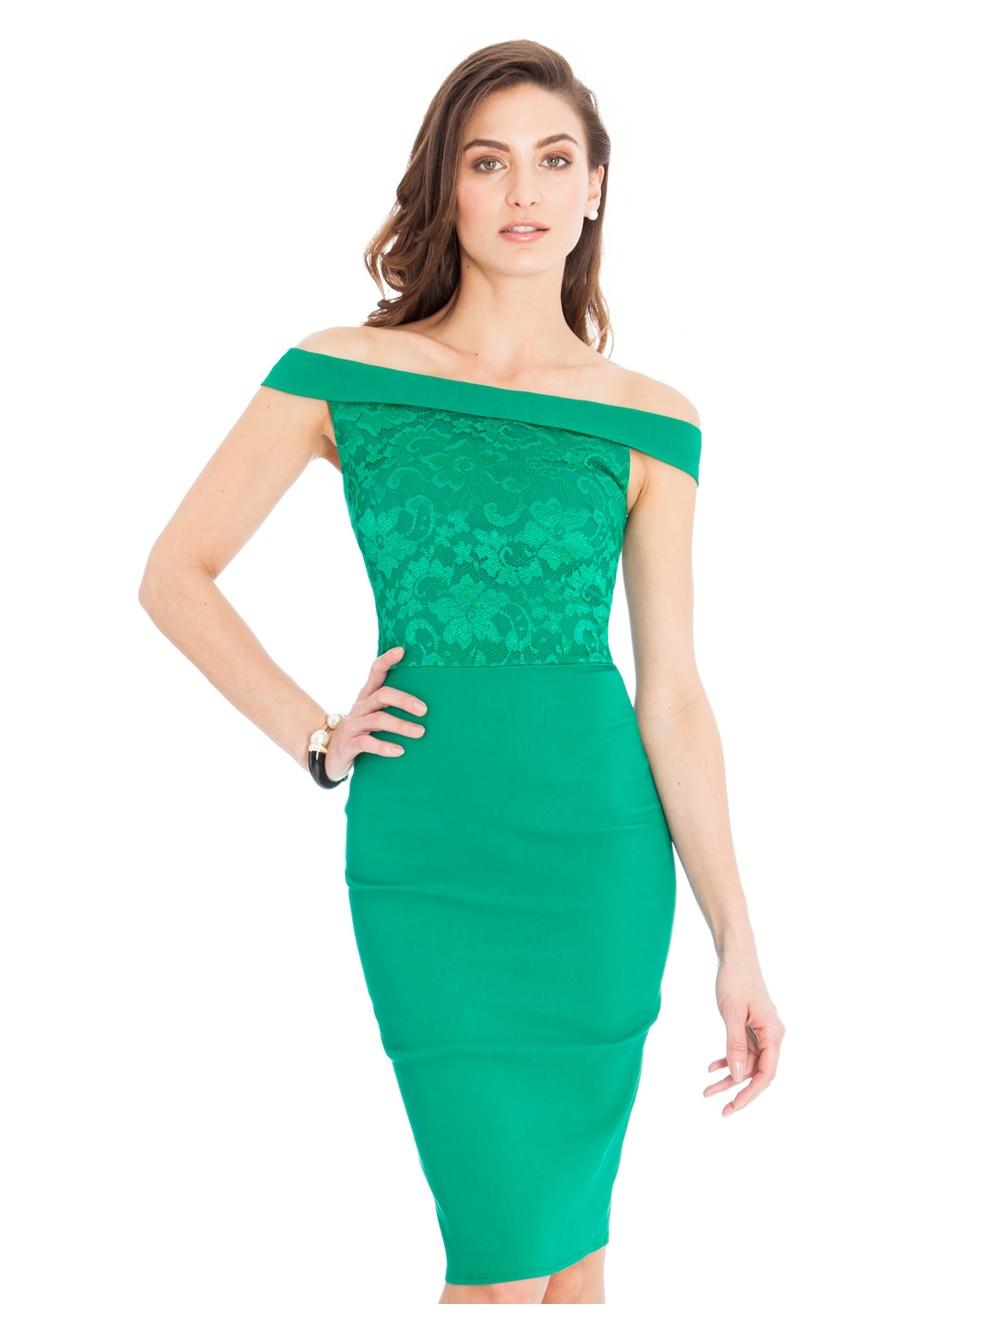 d6b5e5f0cbe Ava Cobalt Jade Green Lace Off the Shoulder Midi Dress